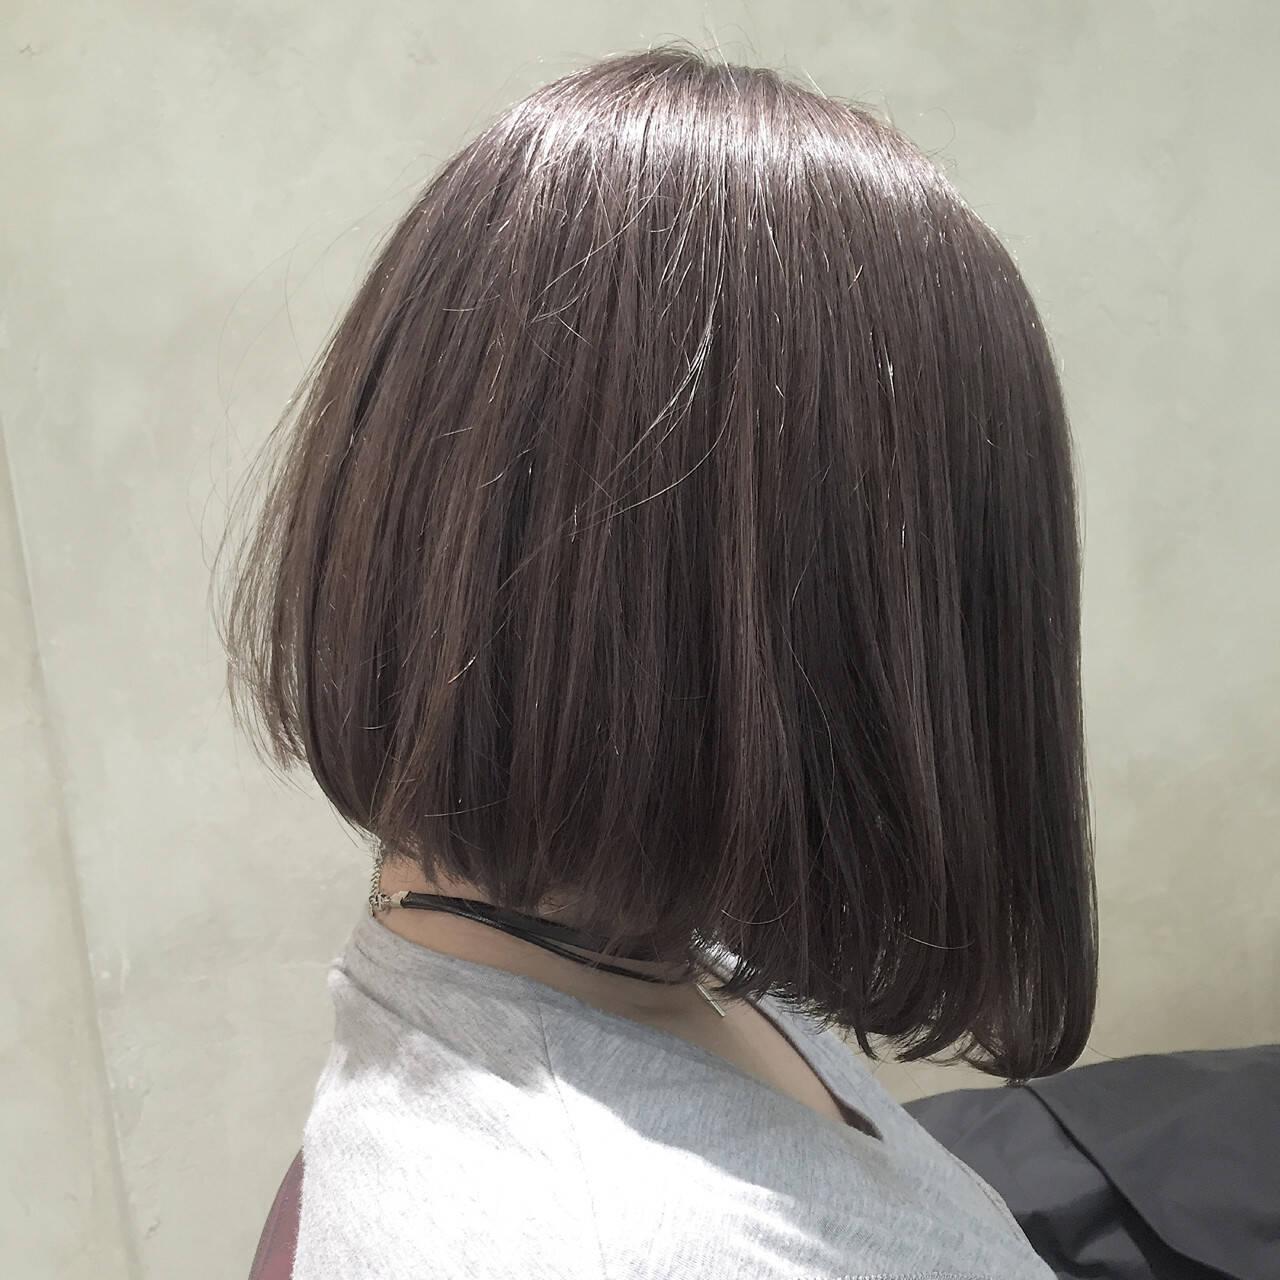 外国人風 ボブ ハイライト 簡単ヘアアレンジヘアスタイルや髪型の写真・画像